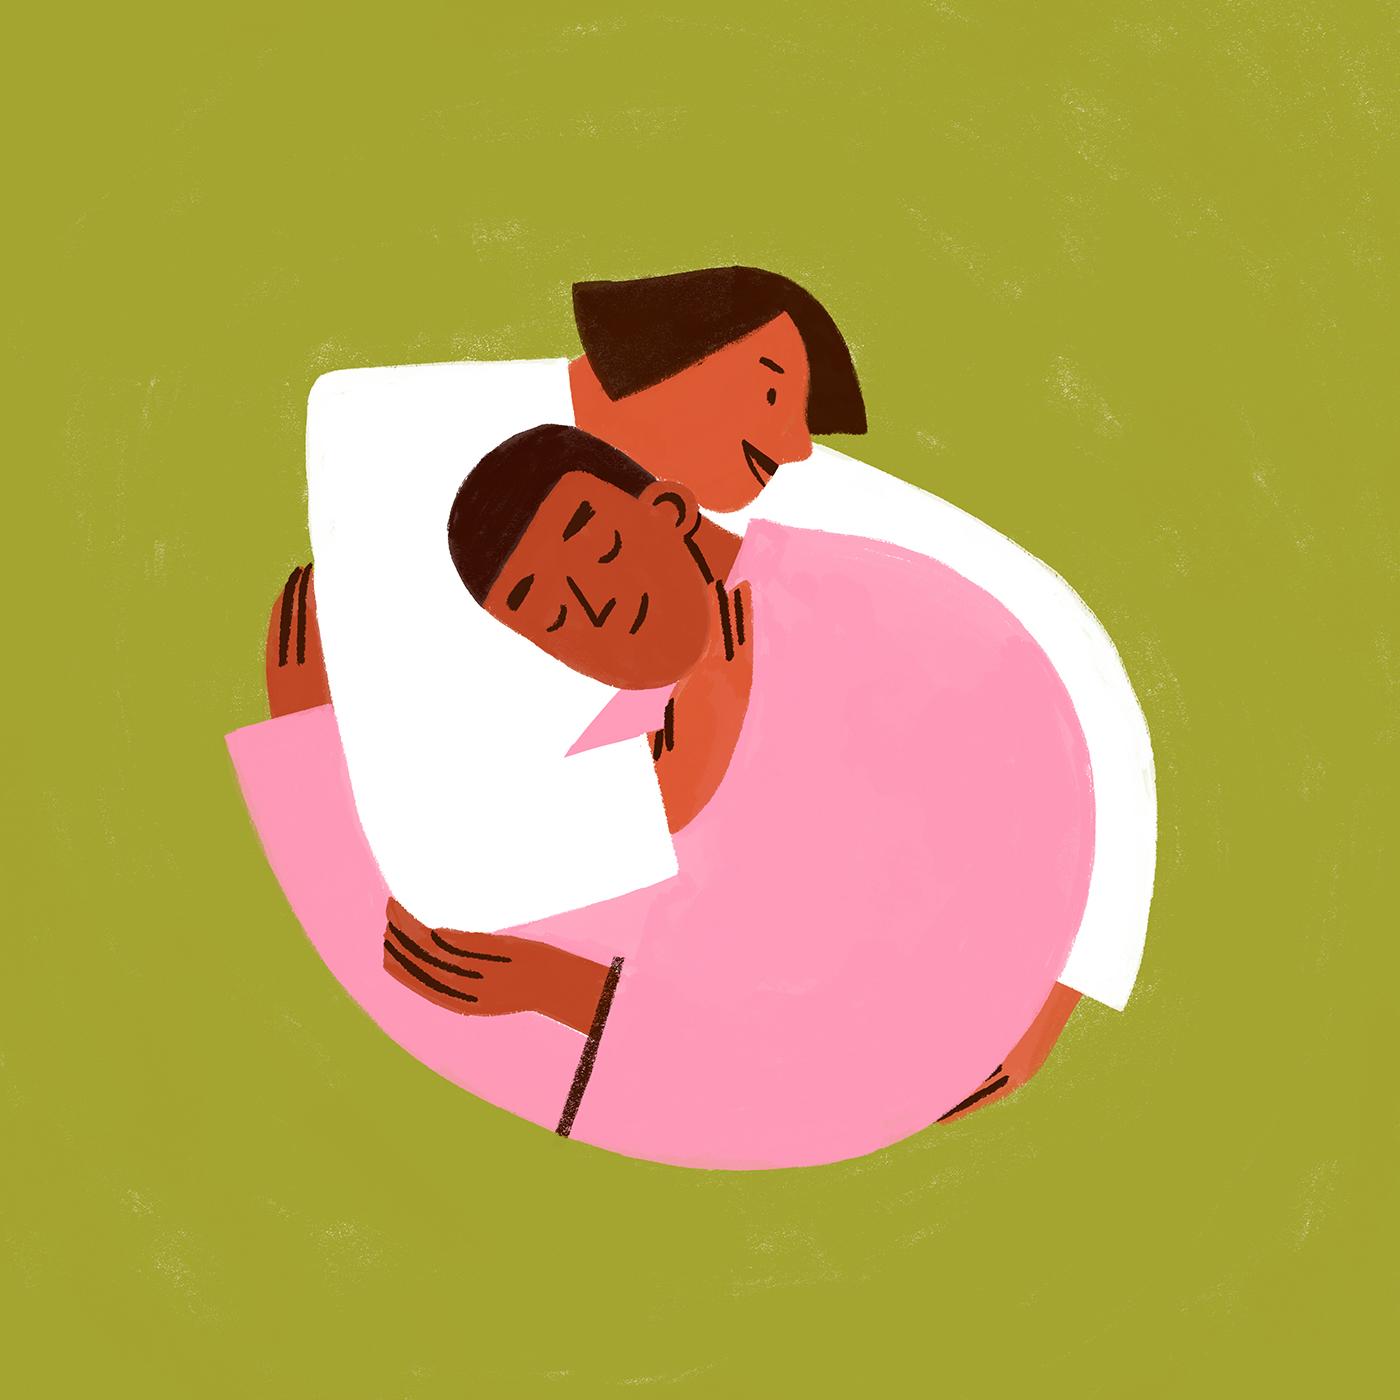 hug-affection-friendship-holding-together-illustration-violeta-noy